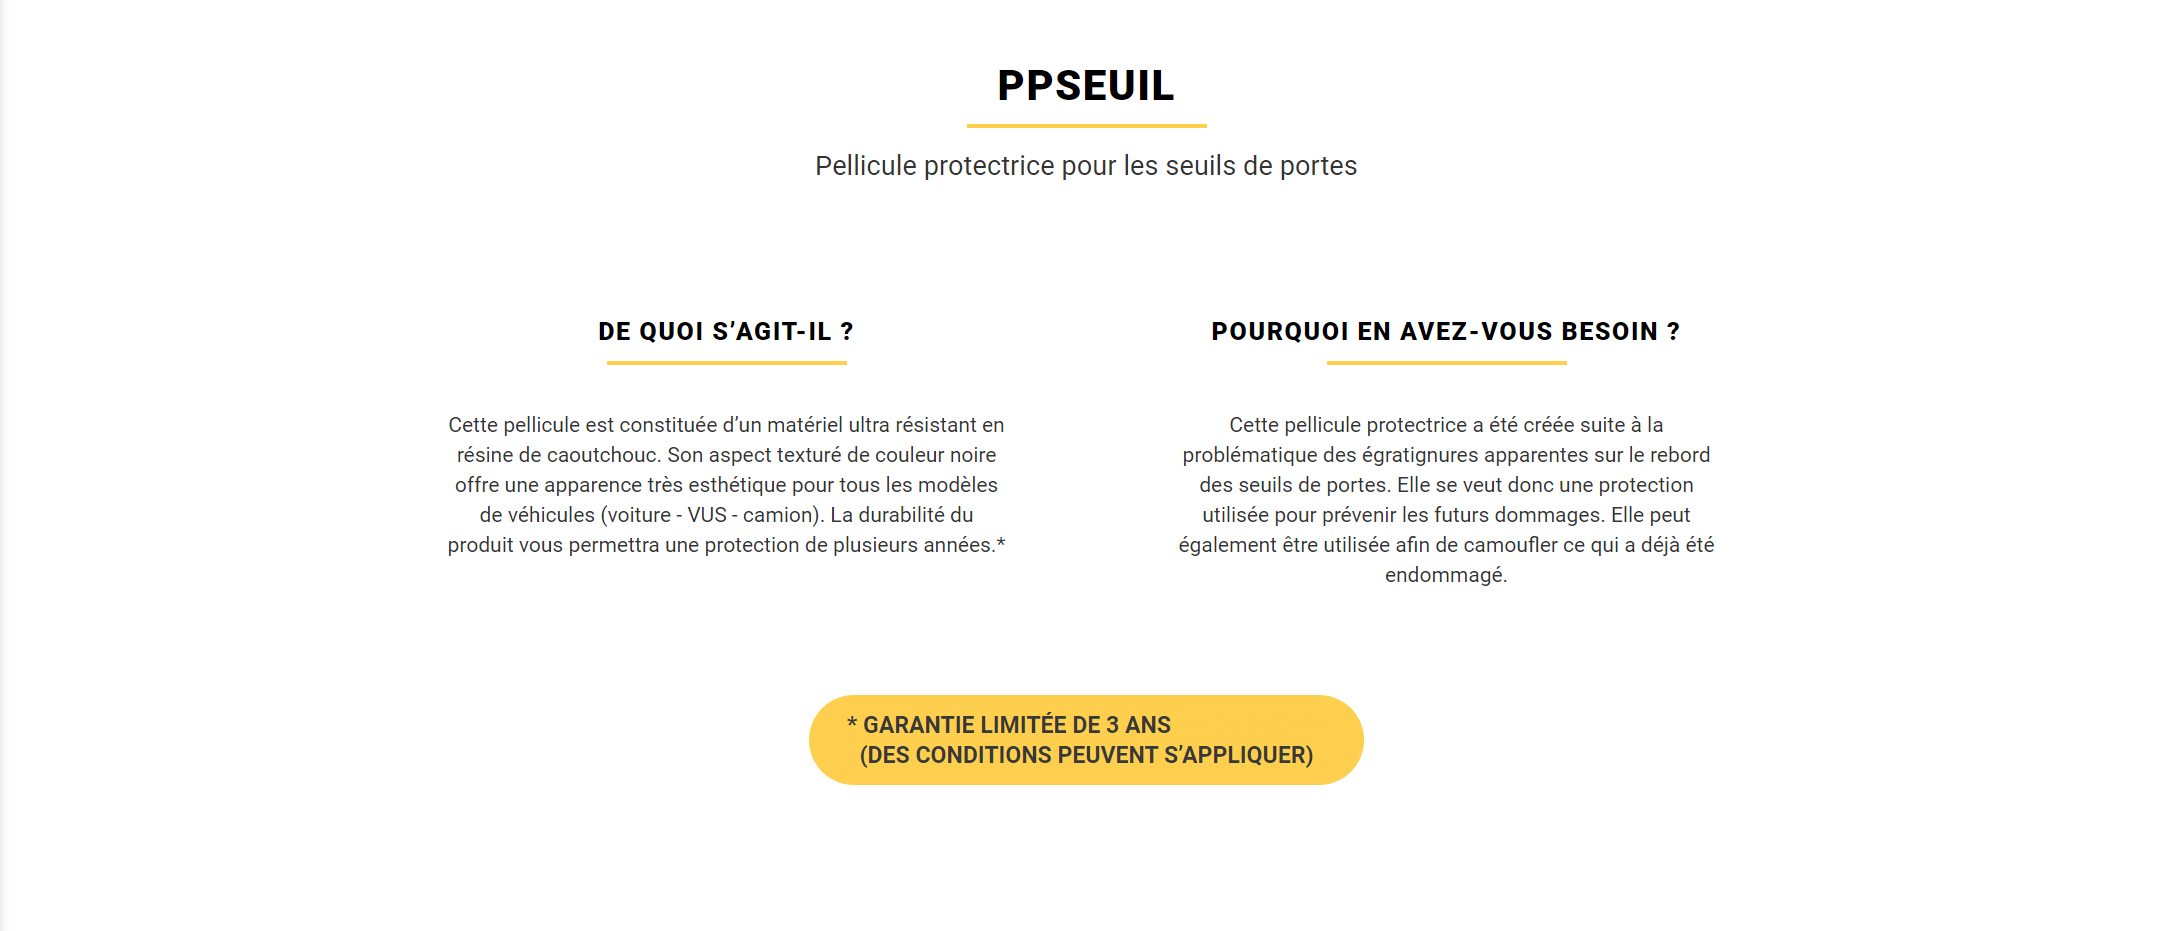 ppseuil, protection, roche, cailloux, bébite, bris, pellicule, transparent